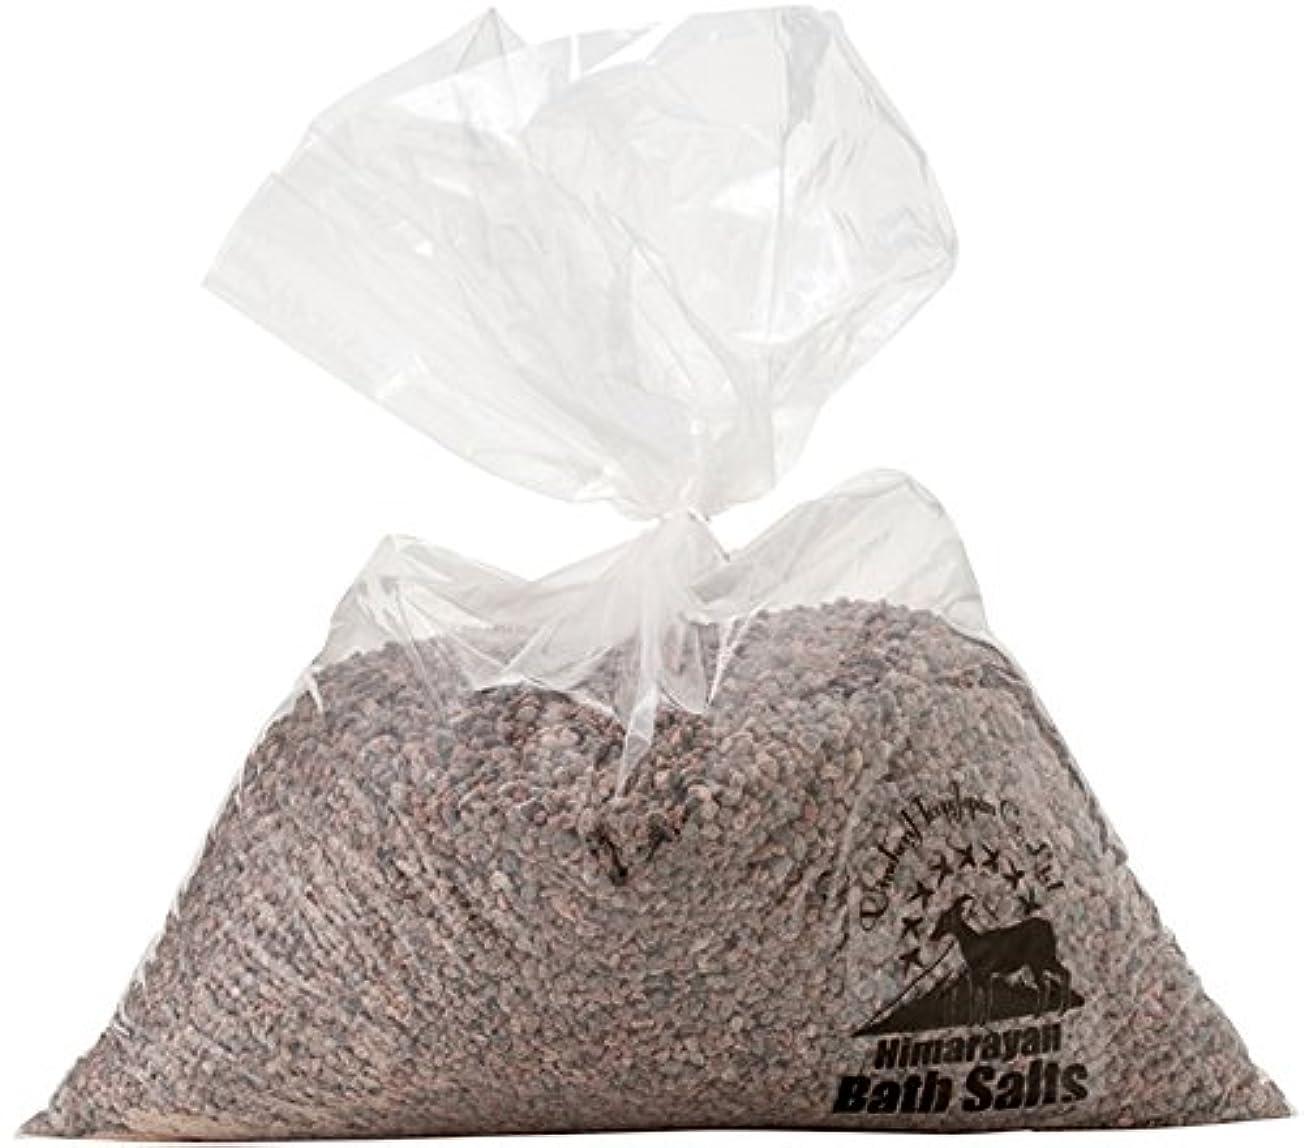 合併症しなやかなクラシカルヒマラヤ岩塩 バスソルト ブラック 小粒 5kg